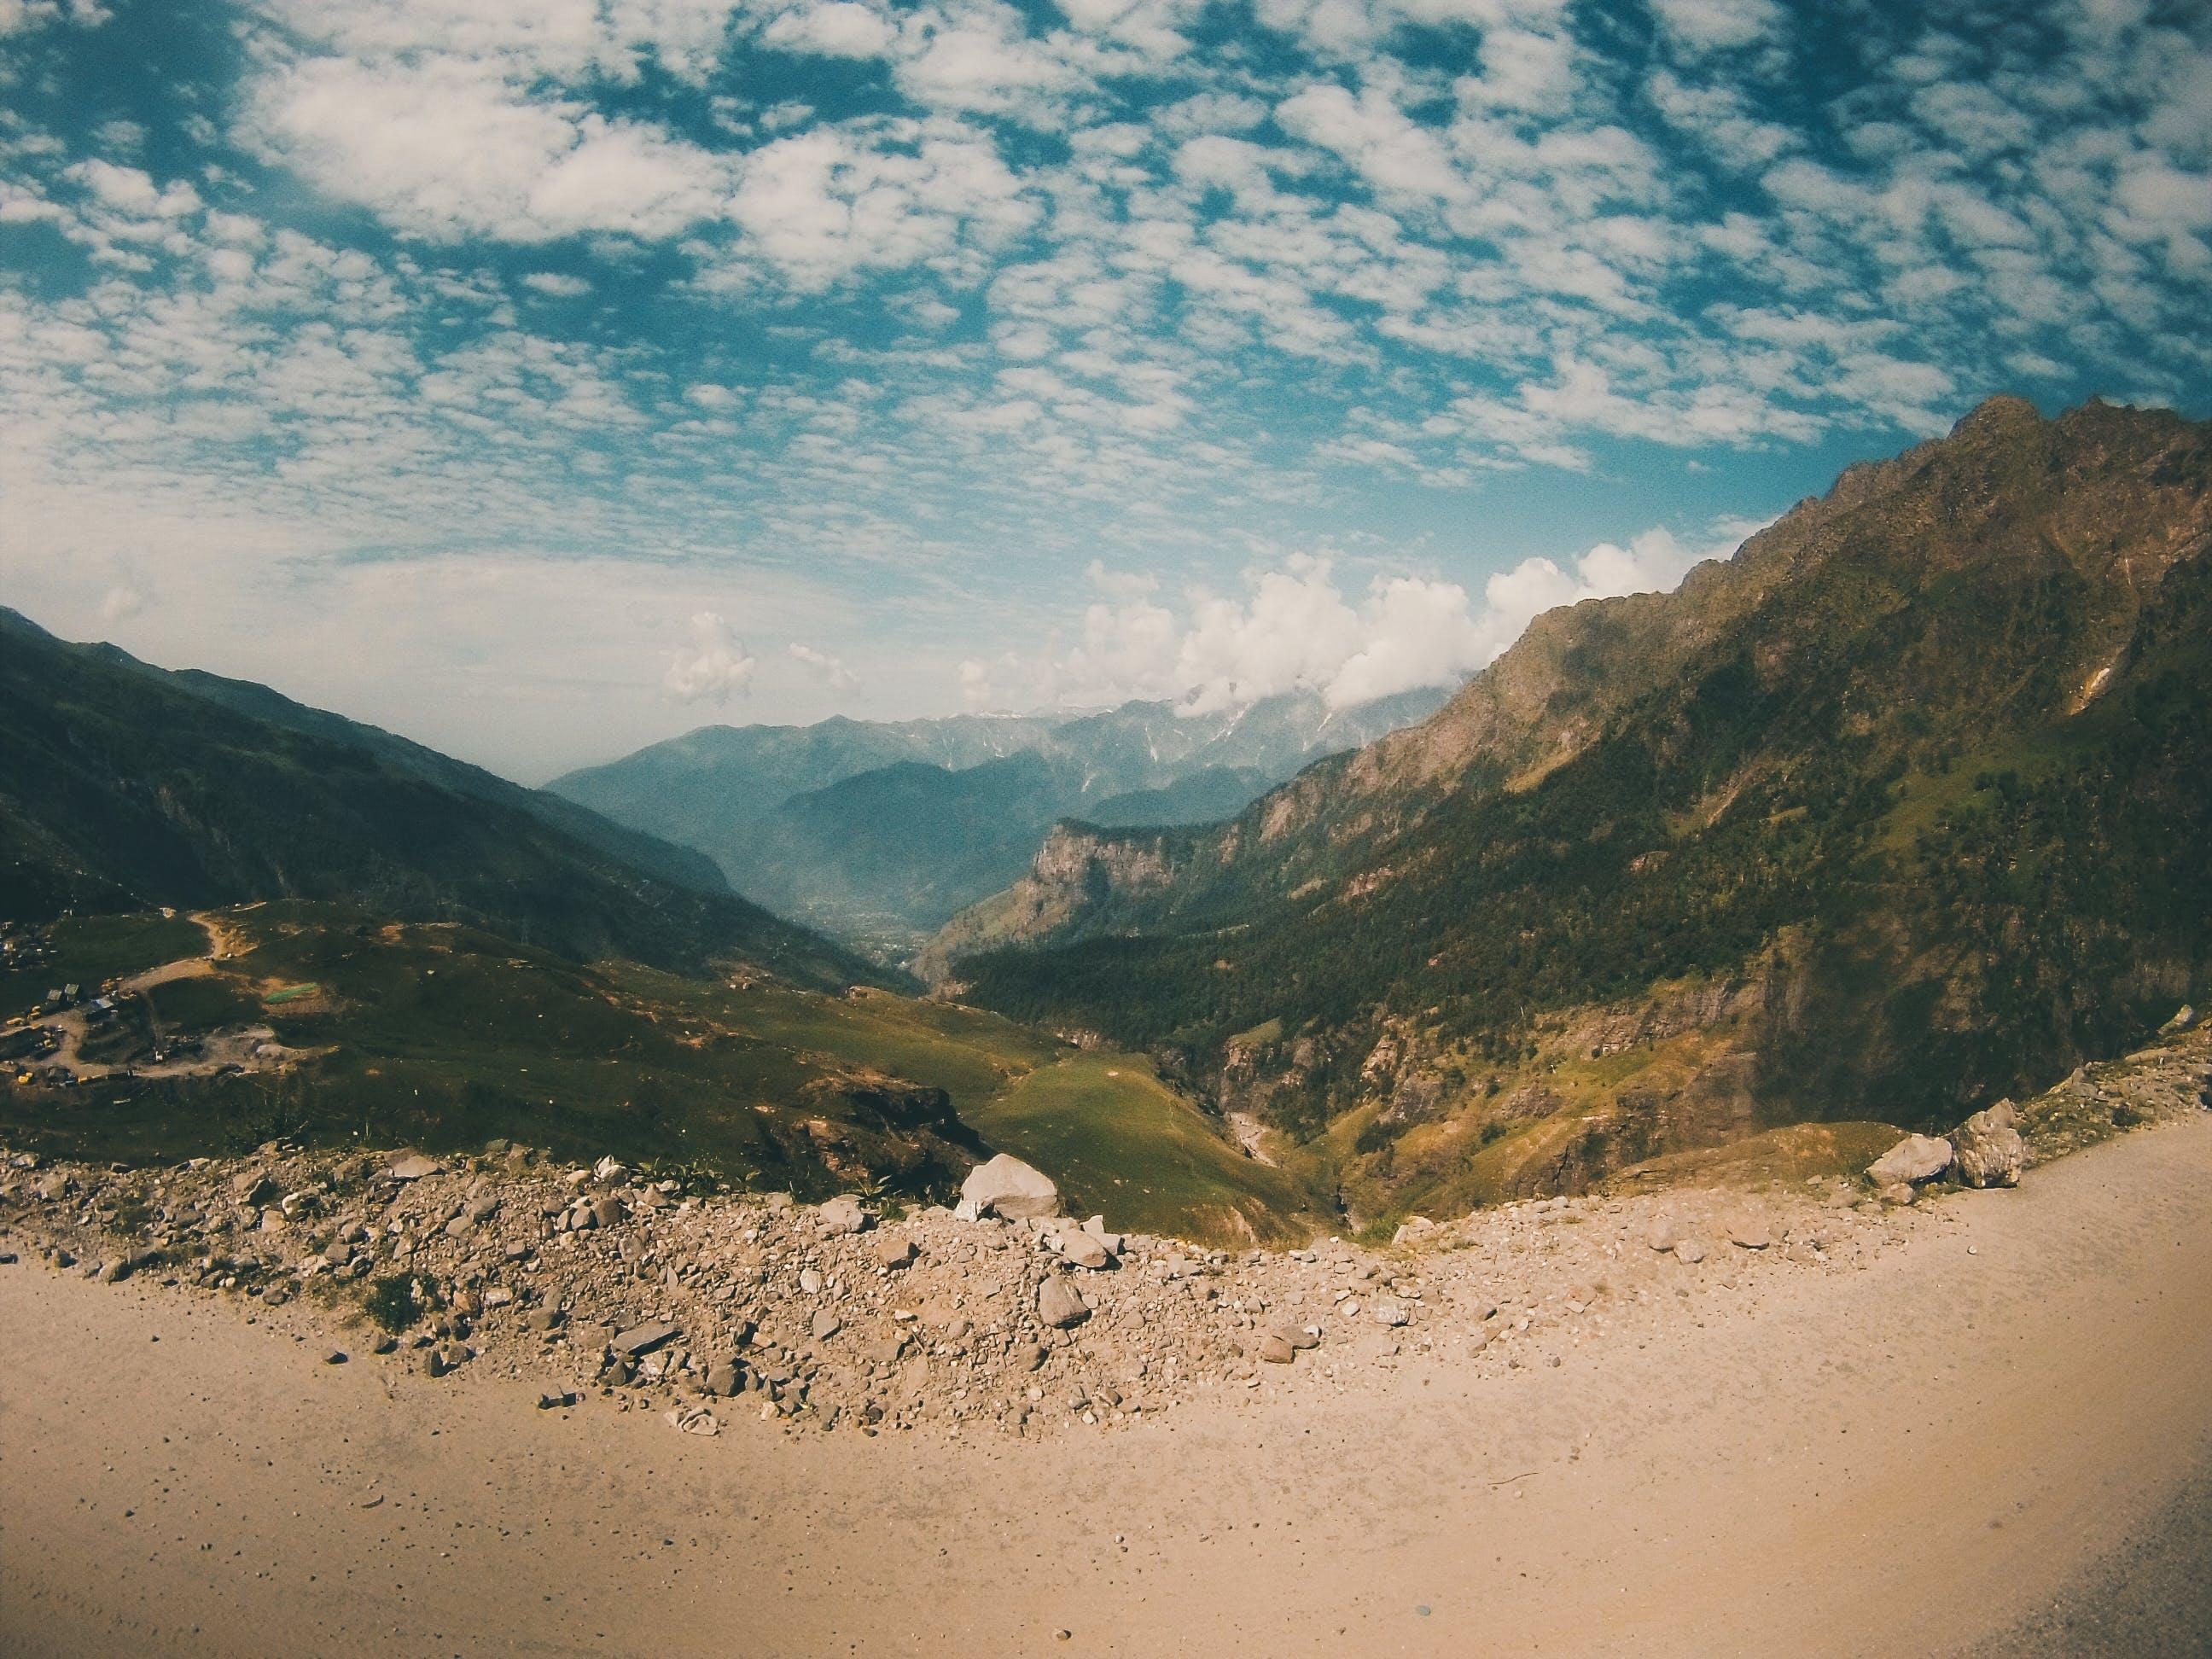 Fisheye Photography of Mountain Range